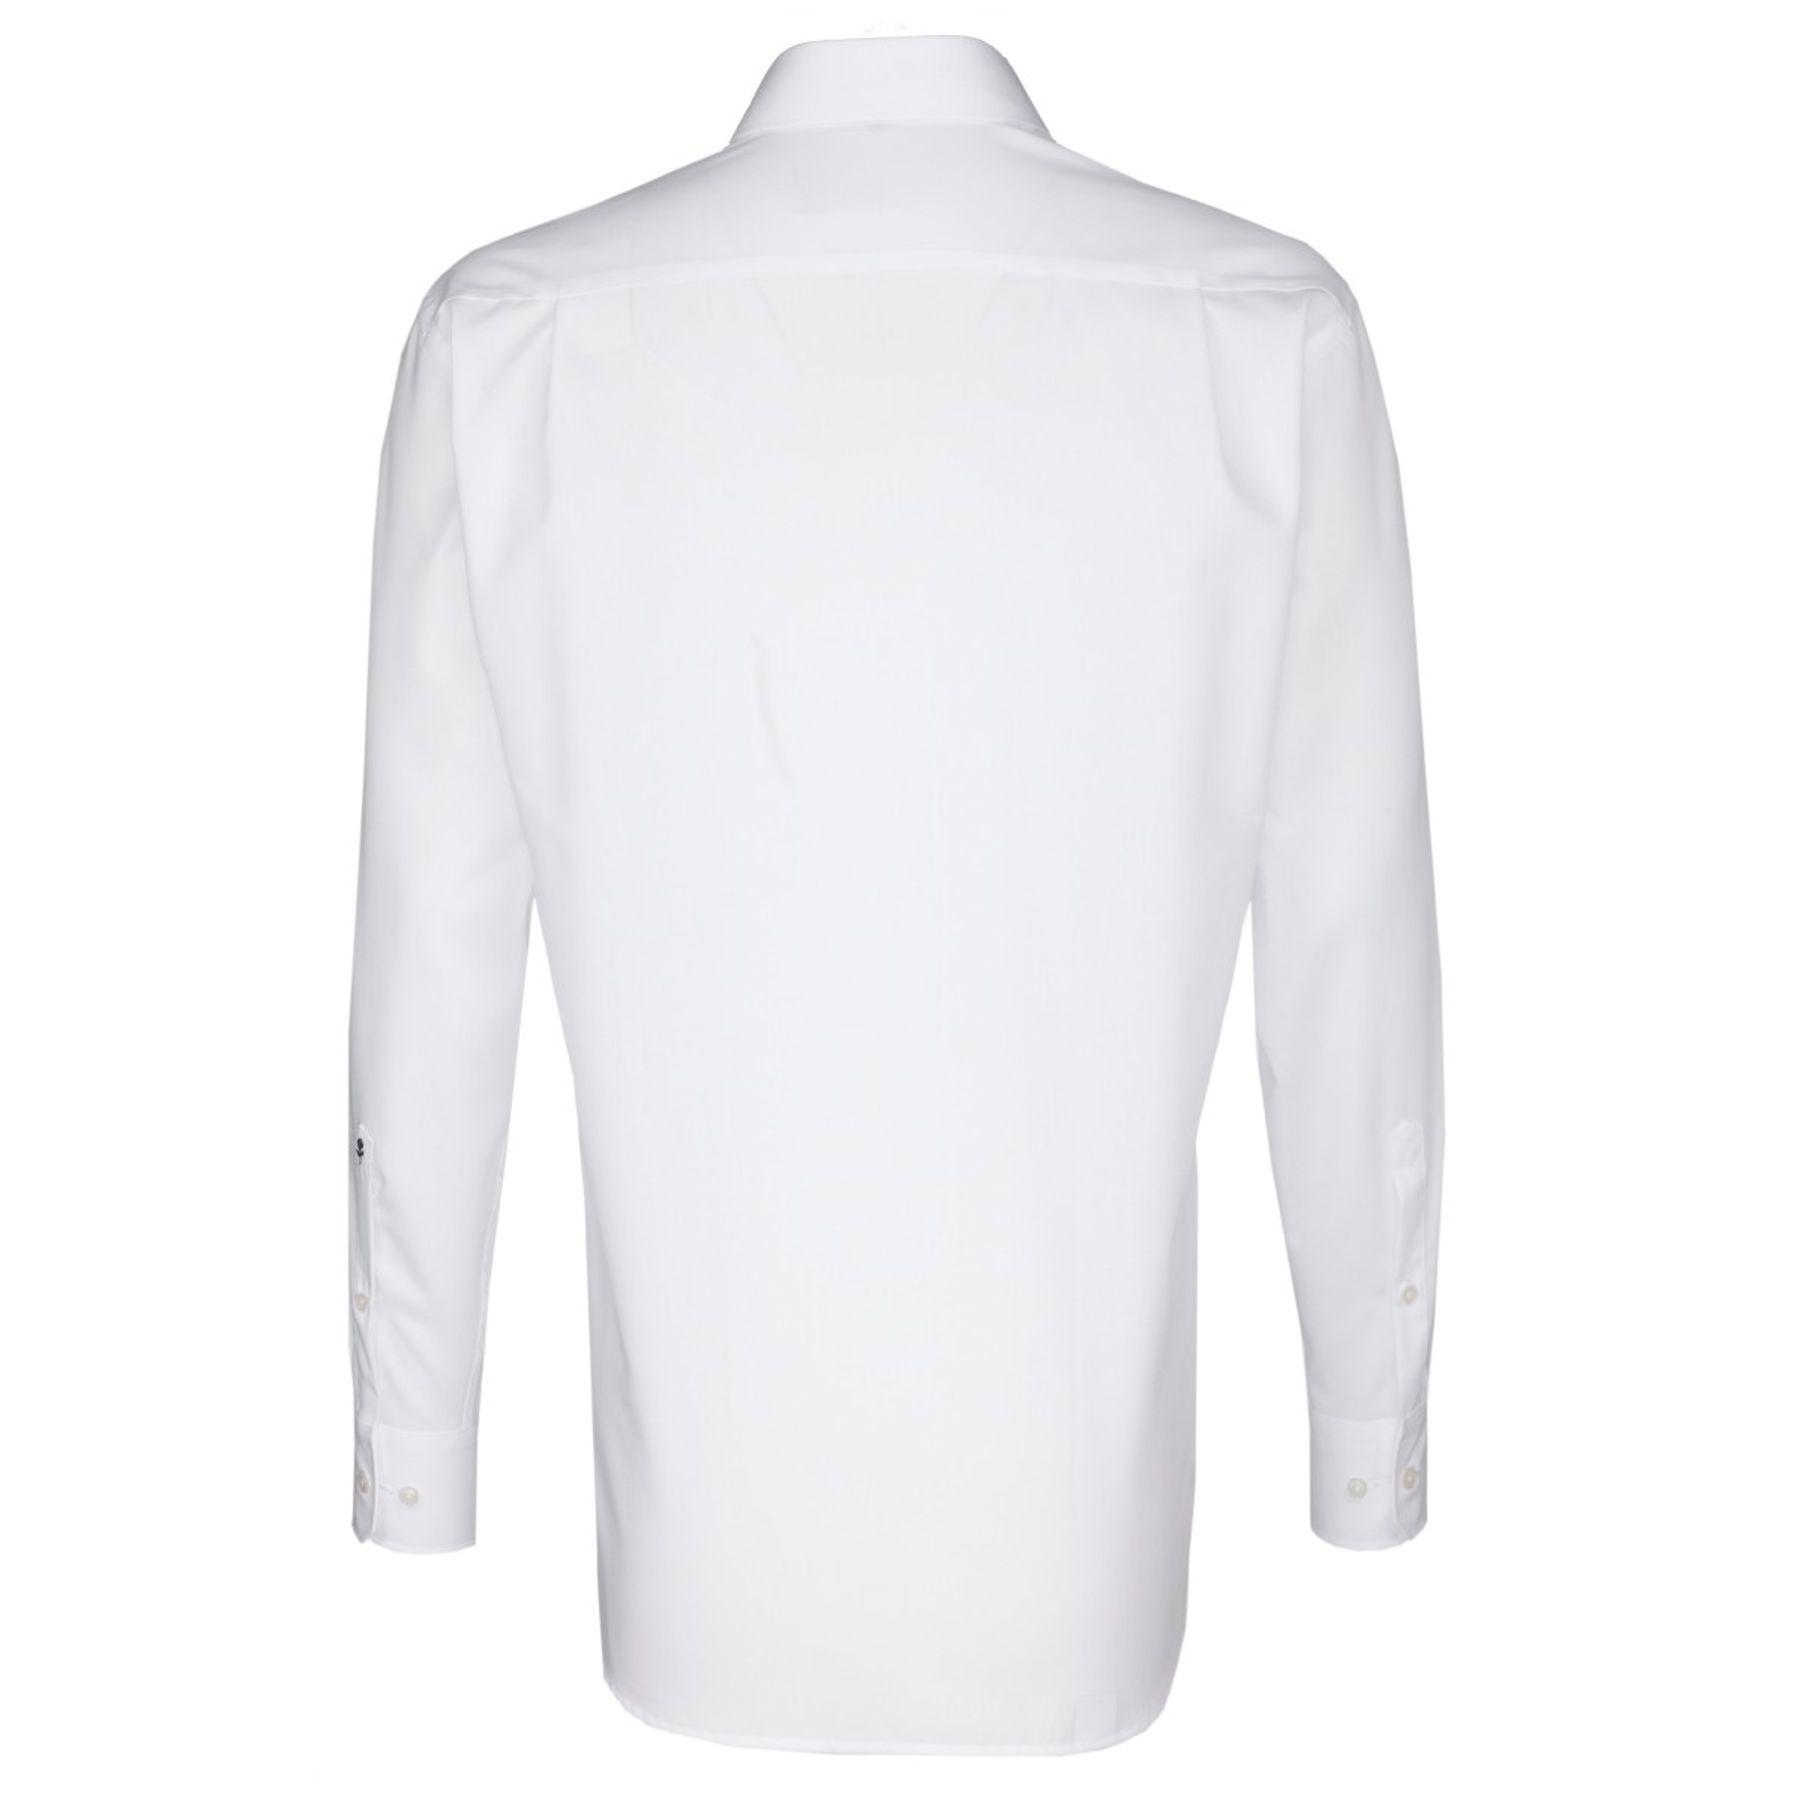 Seidensticker - Herren Hemd, Bügelfrei, Comfort, Schwarze Rose mit Kent Kragen in Weiß (01.311846) – Bild 2